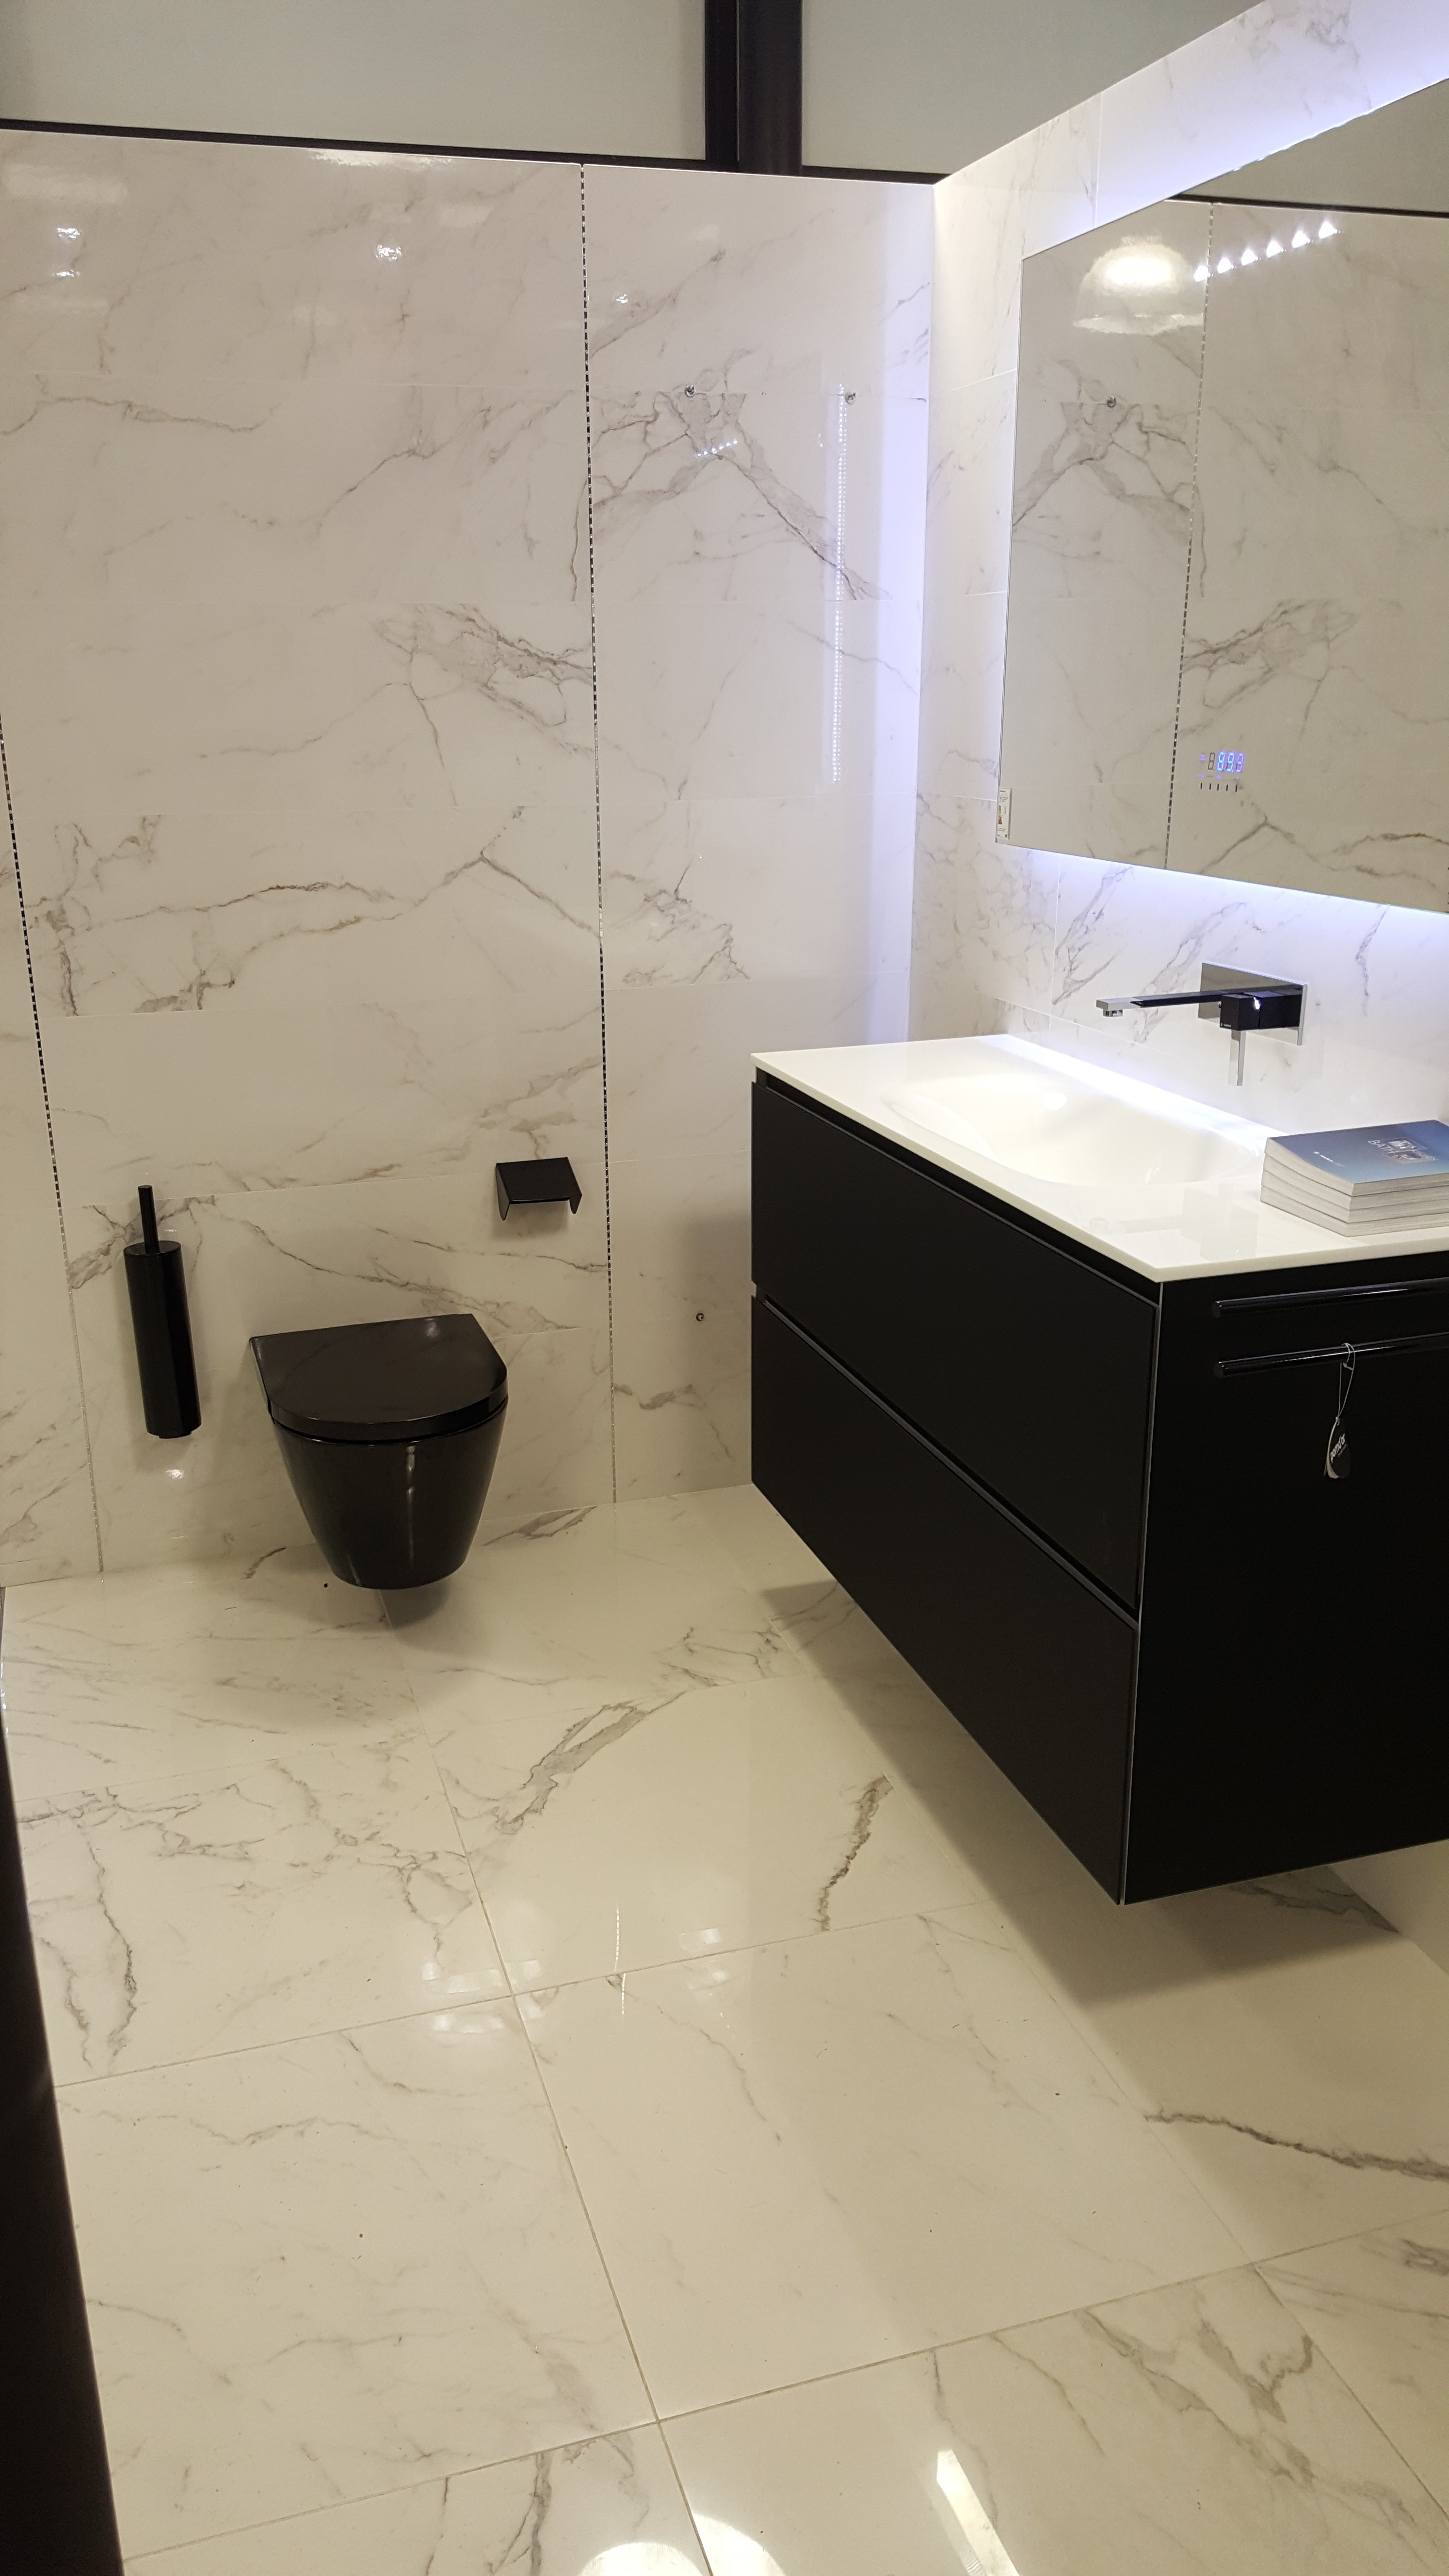 carrelages paris uds paris uds market meuble de salle de bain paris artelinea paris atlas concorde paris accessoires de salle de bain paris carrelage imitation marbre paris miroir lumineux paris